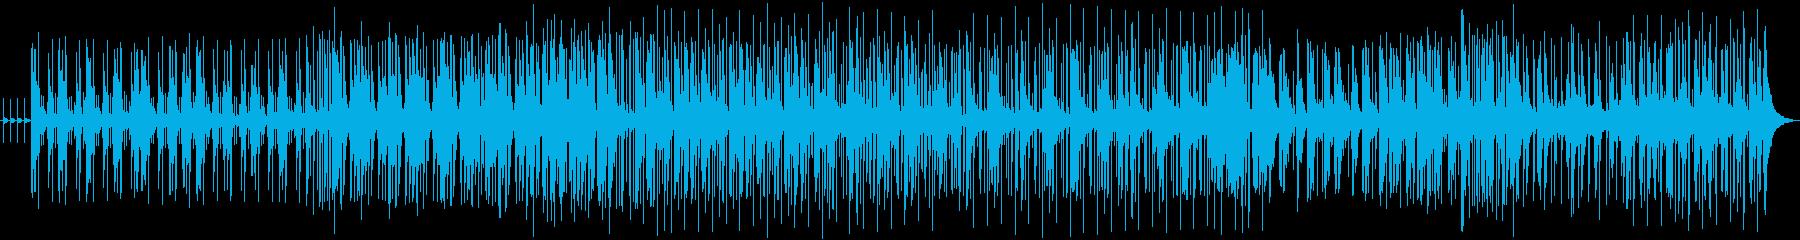 チルアウト、エレクトロワールド、ア...の再生済みの波形